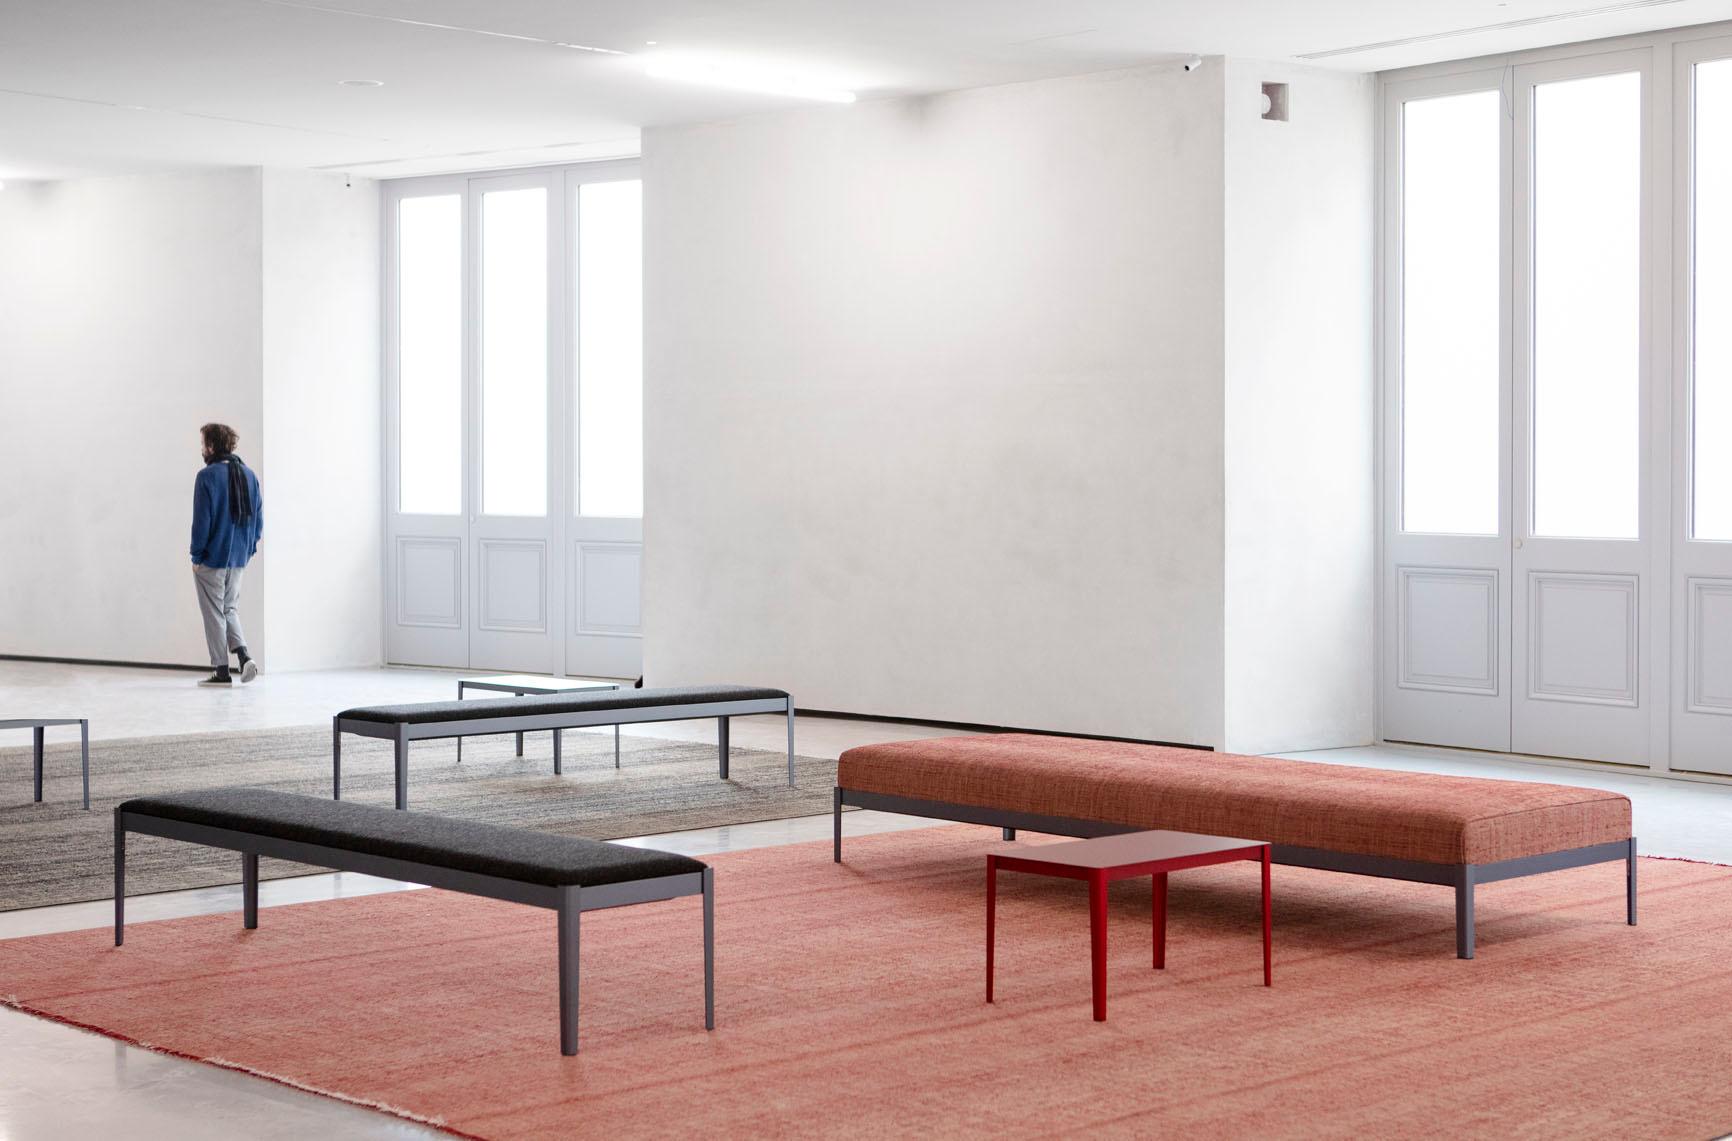 Ameublement intérieur du Salon, tapis et banquette, 2020, Studio Bouroullec Courtesy Bourse de Commerce - Pinault Collection